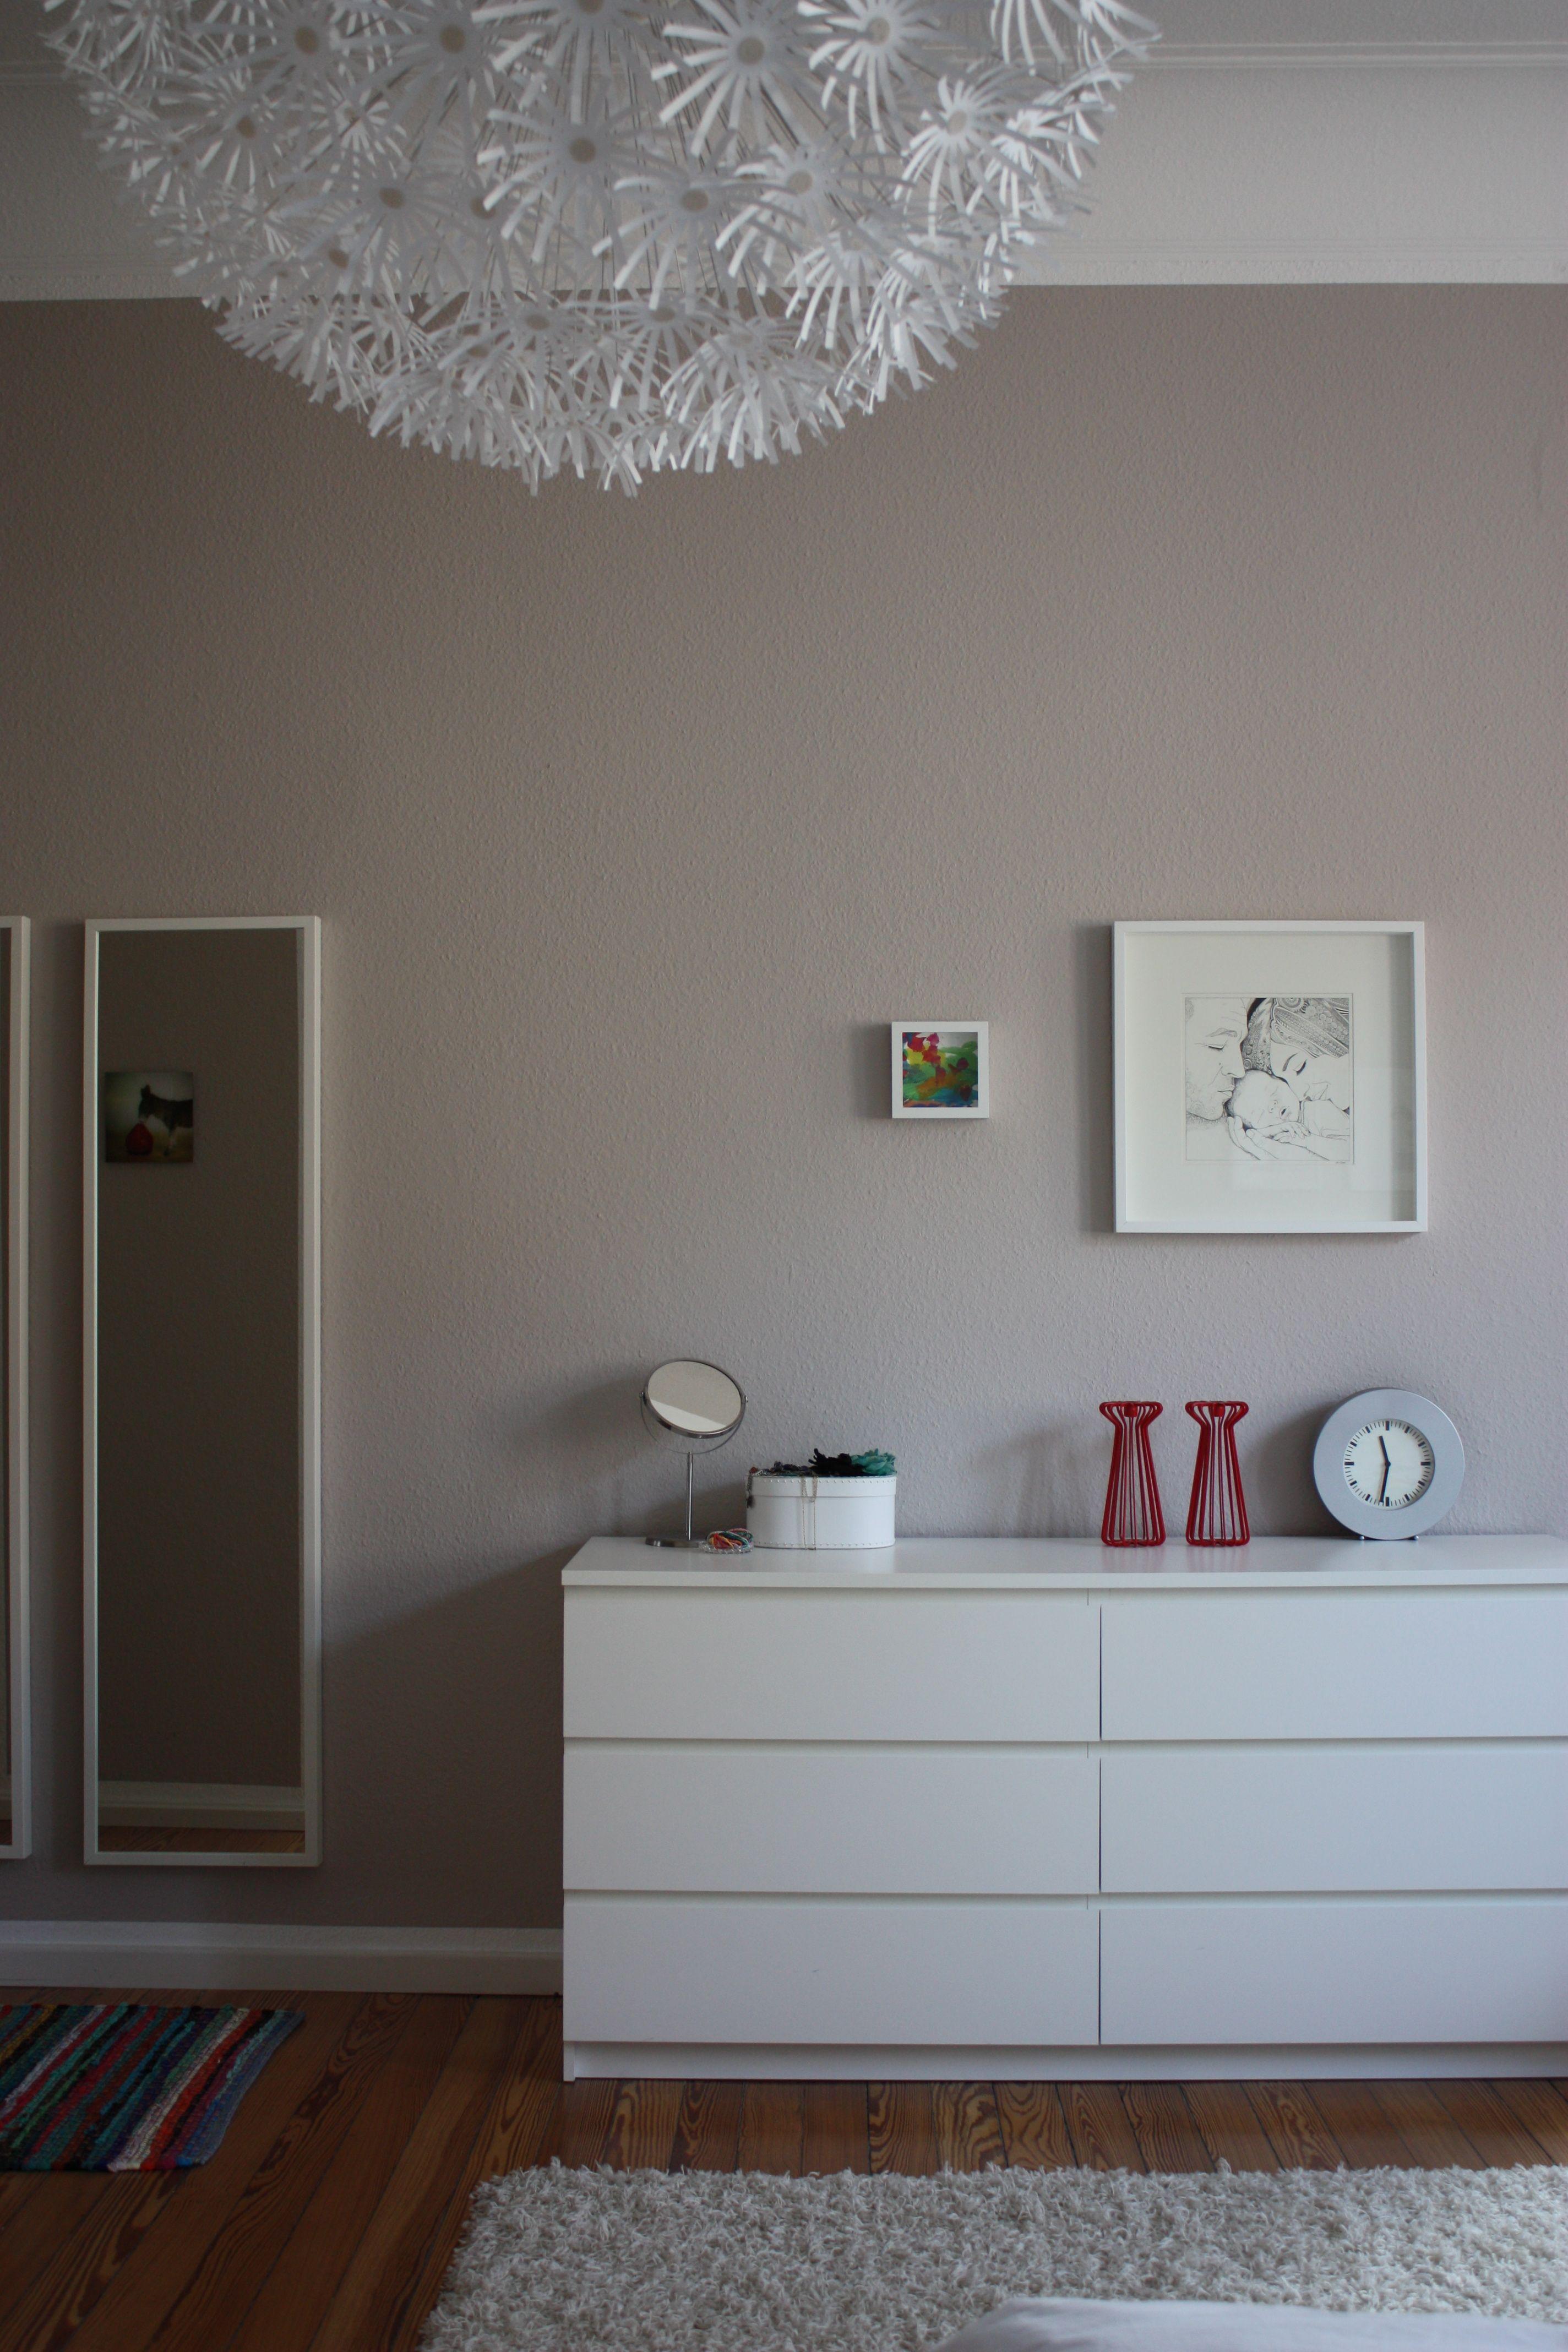 Kommode im Schlafzimmer | Zimmer | Pinterest | Schlafzimmer ...